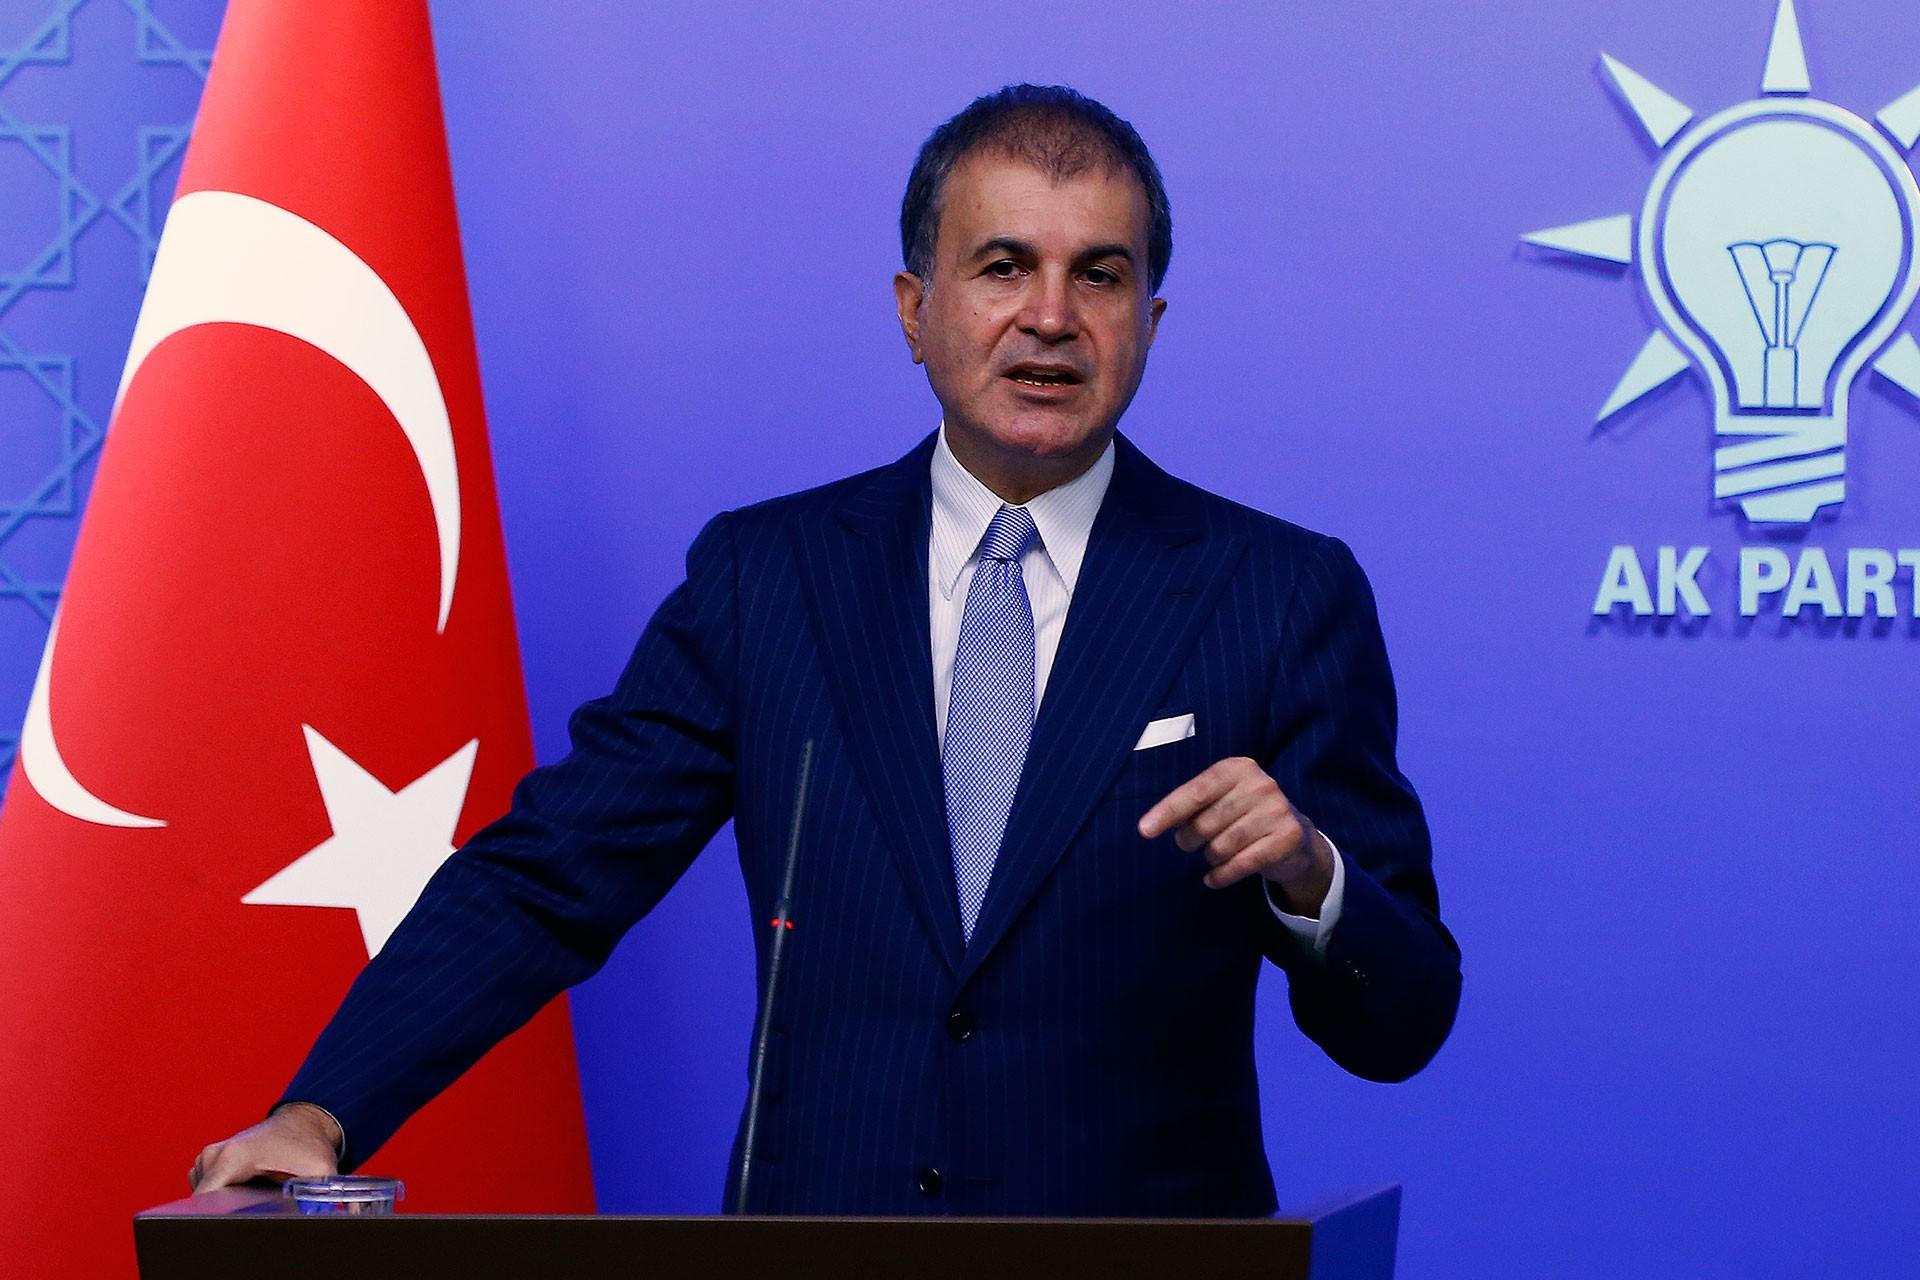 AKP Sözcüsü, Erdoğan'ın 'ödenmiyor' dediği paralar için konuştu: Rüşvet siyaseti